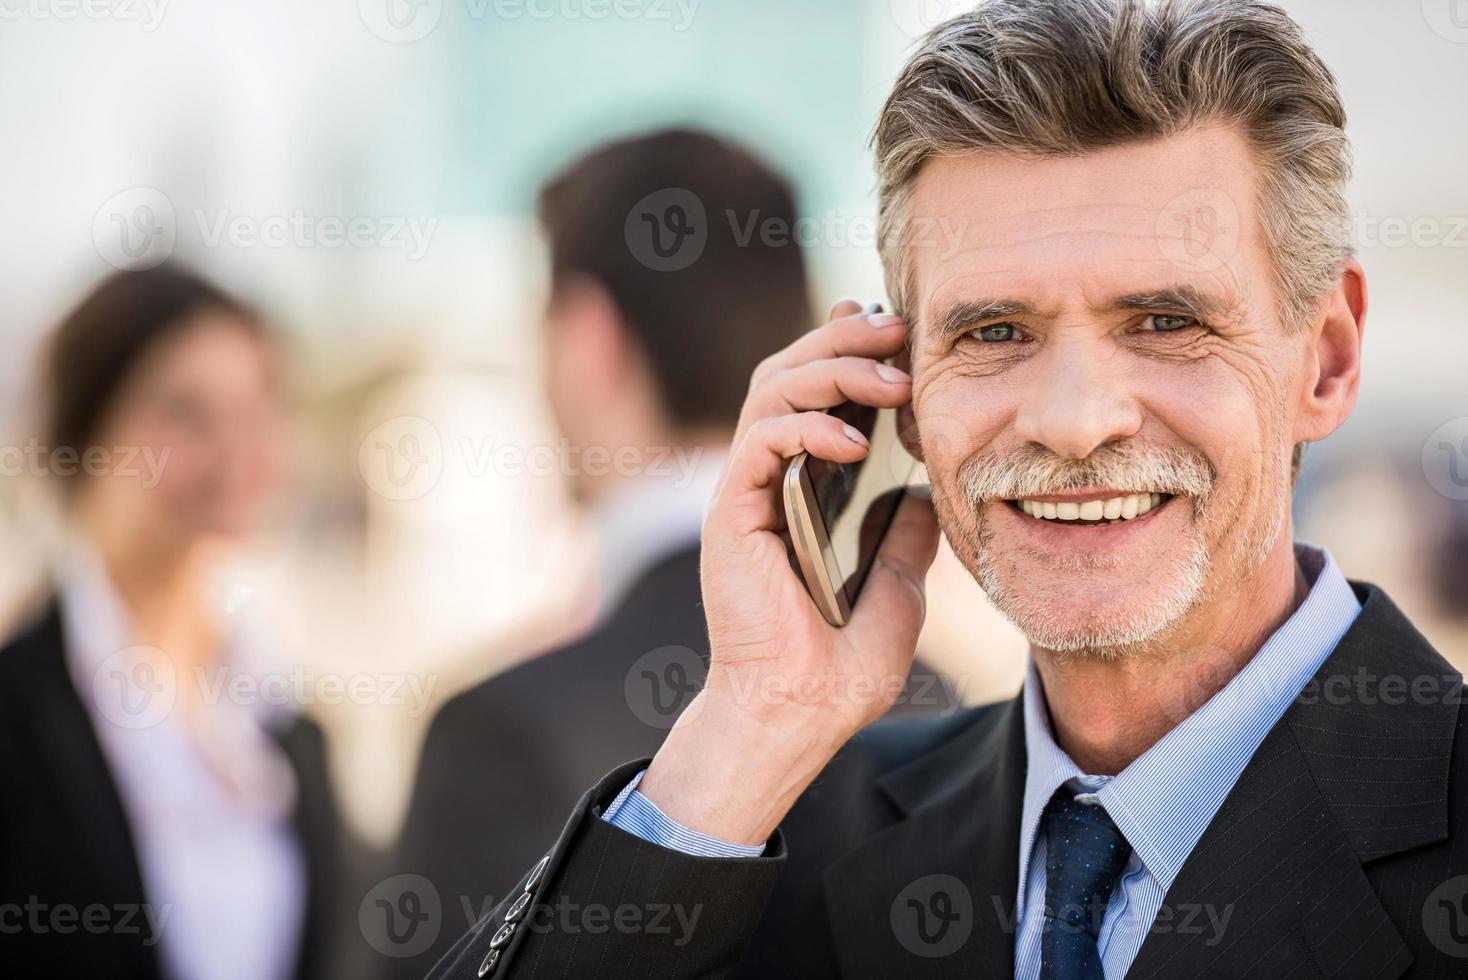 homme d'affaires lors d'une réunion photo